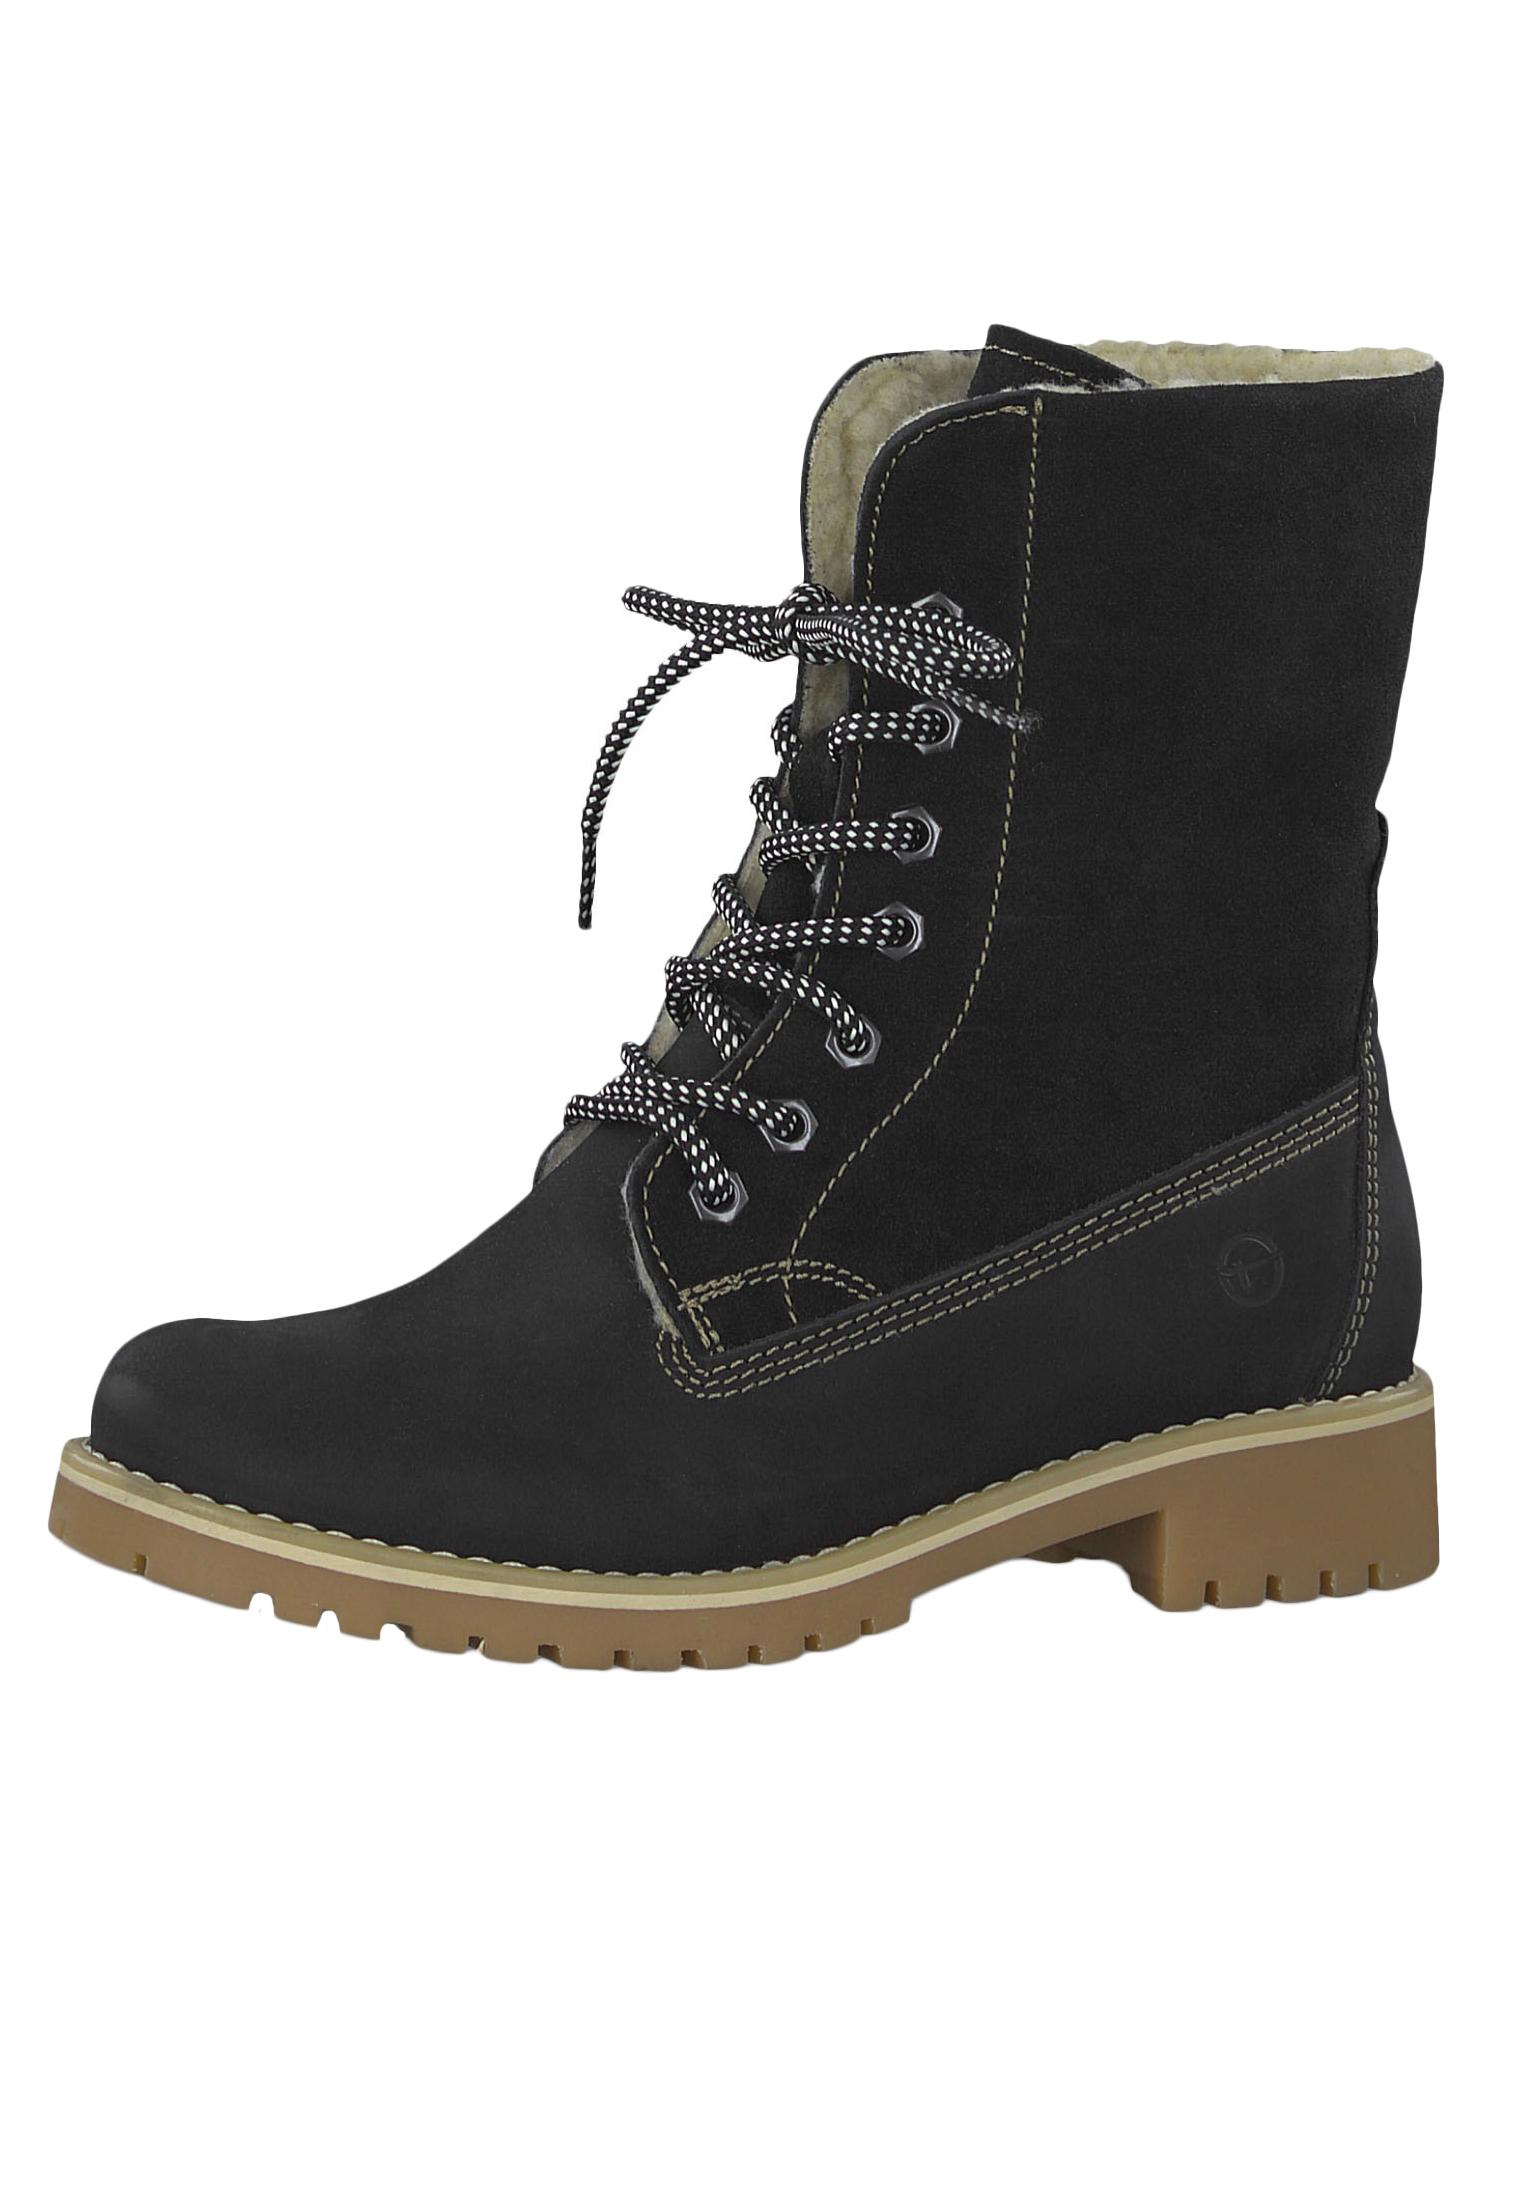 Primaloft 001 Mit 23 Und Schwarz Damen Schnürstiefelette Boots 1 26443 Lace Up Warmlining Tamaris Black XiPkuZ